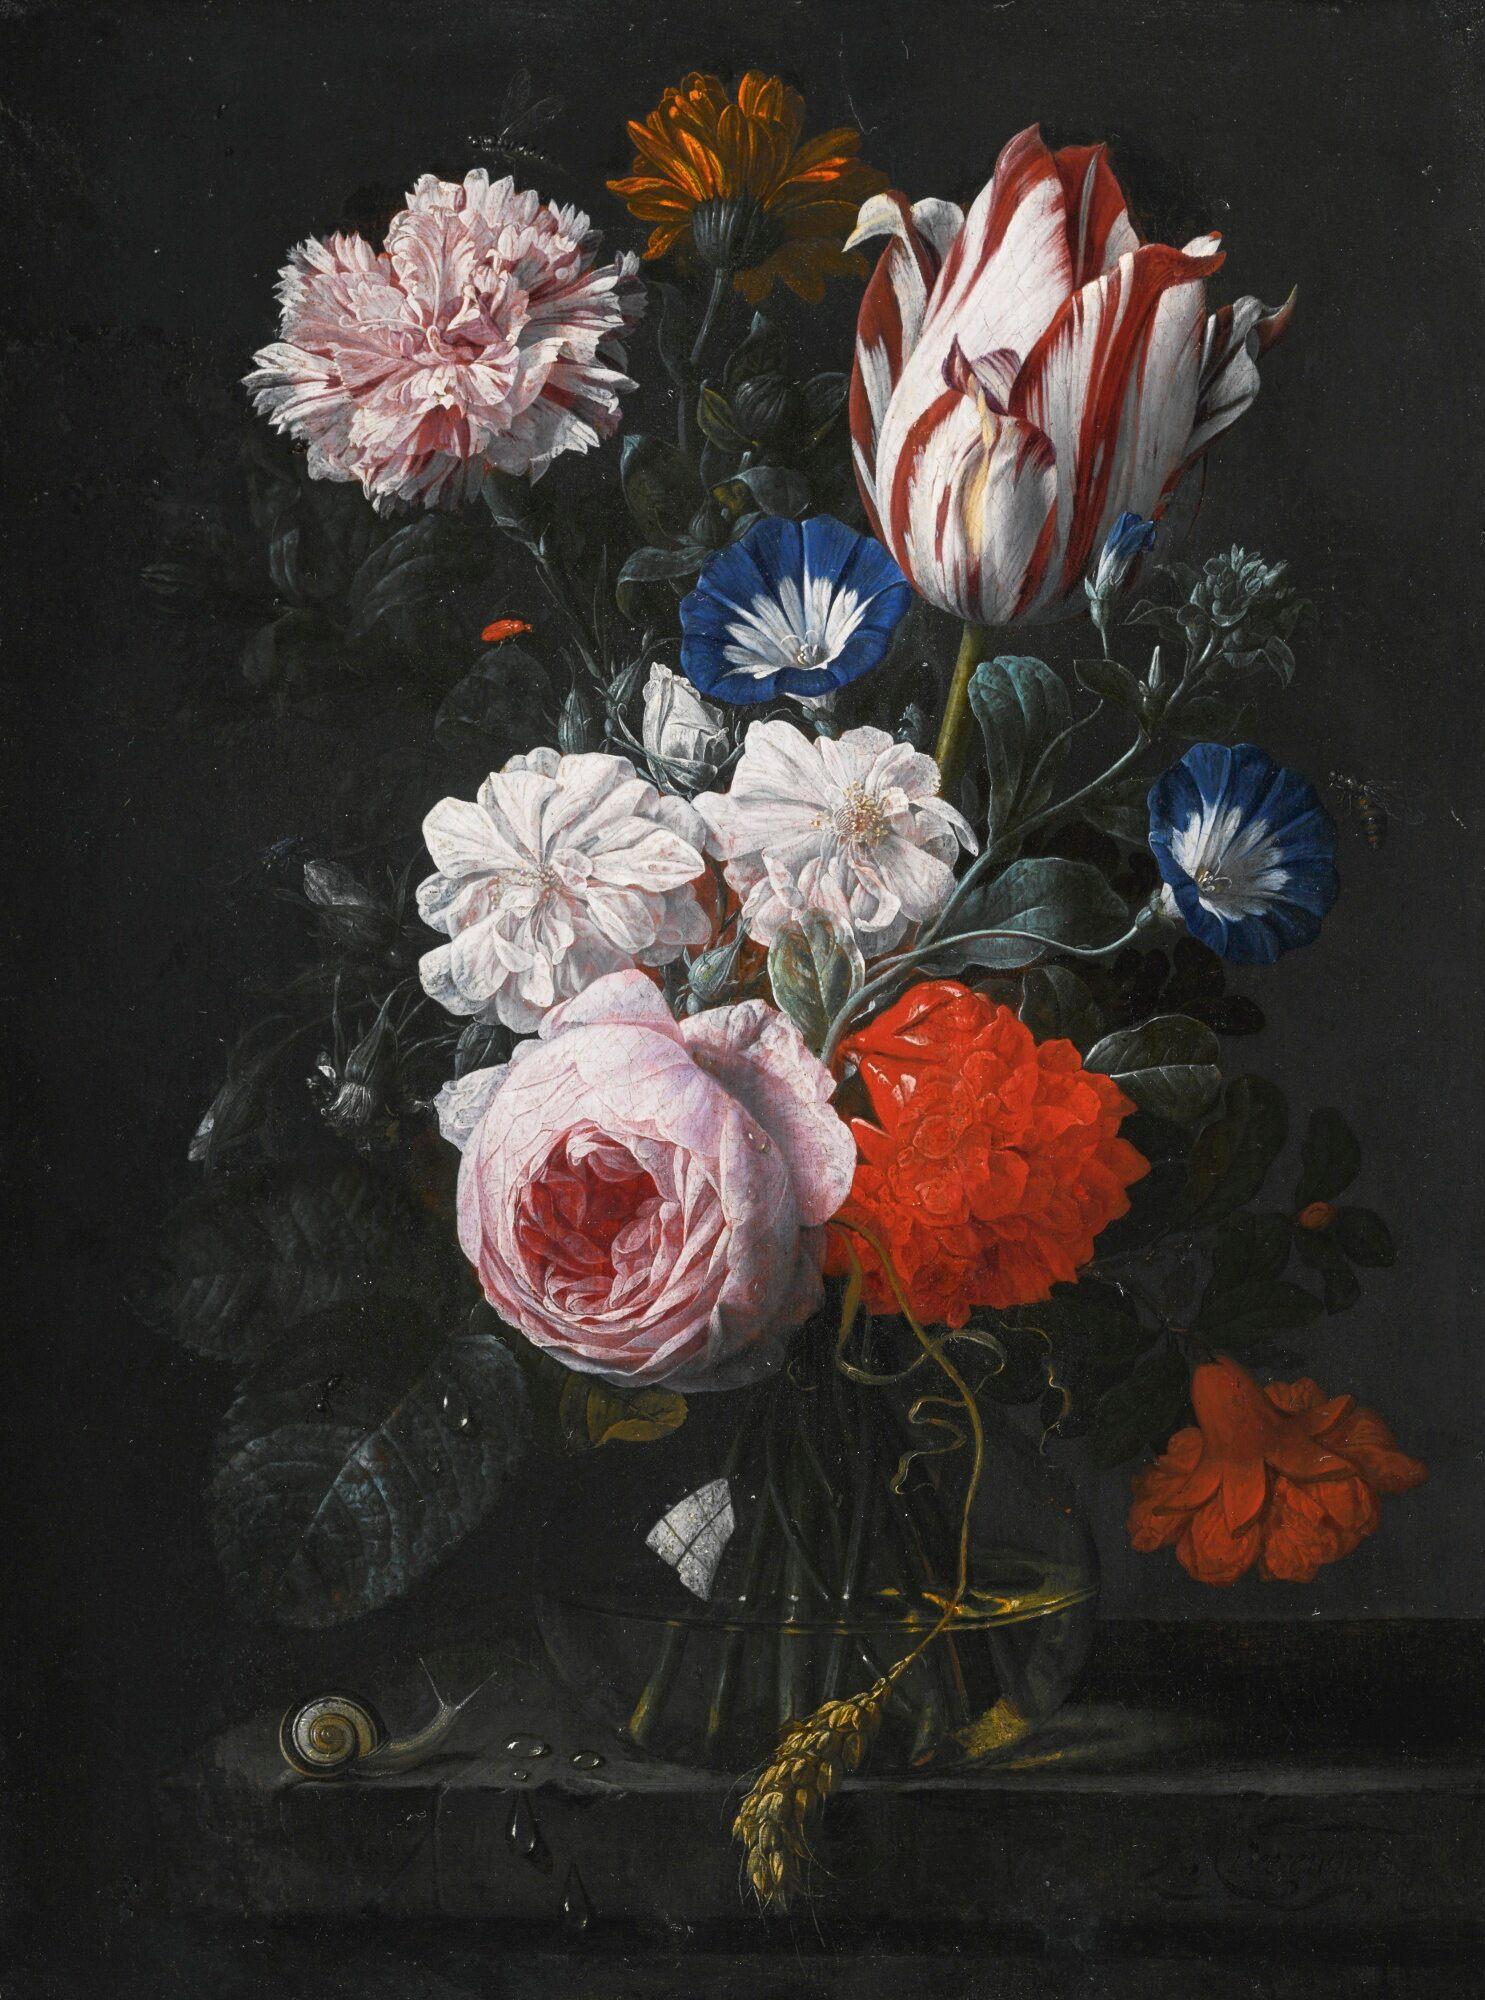 Nicolaes van verendael wikipedia for Bouquet de fleurs nature